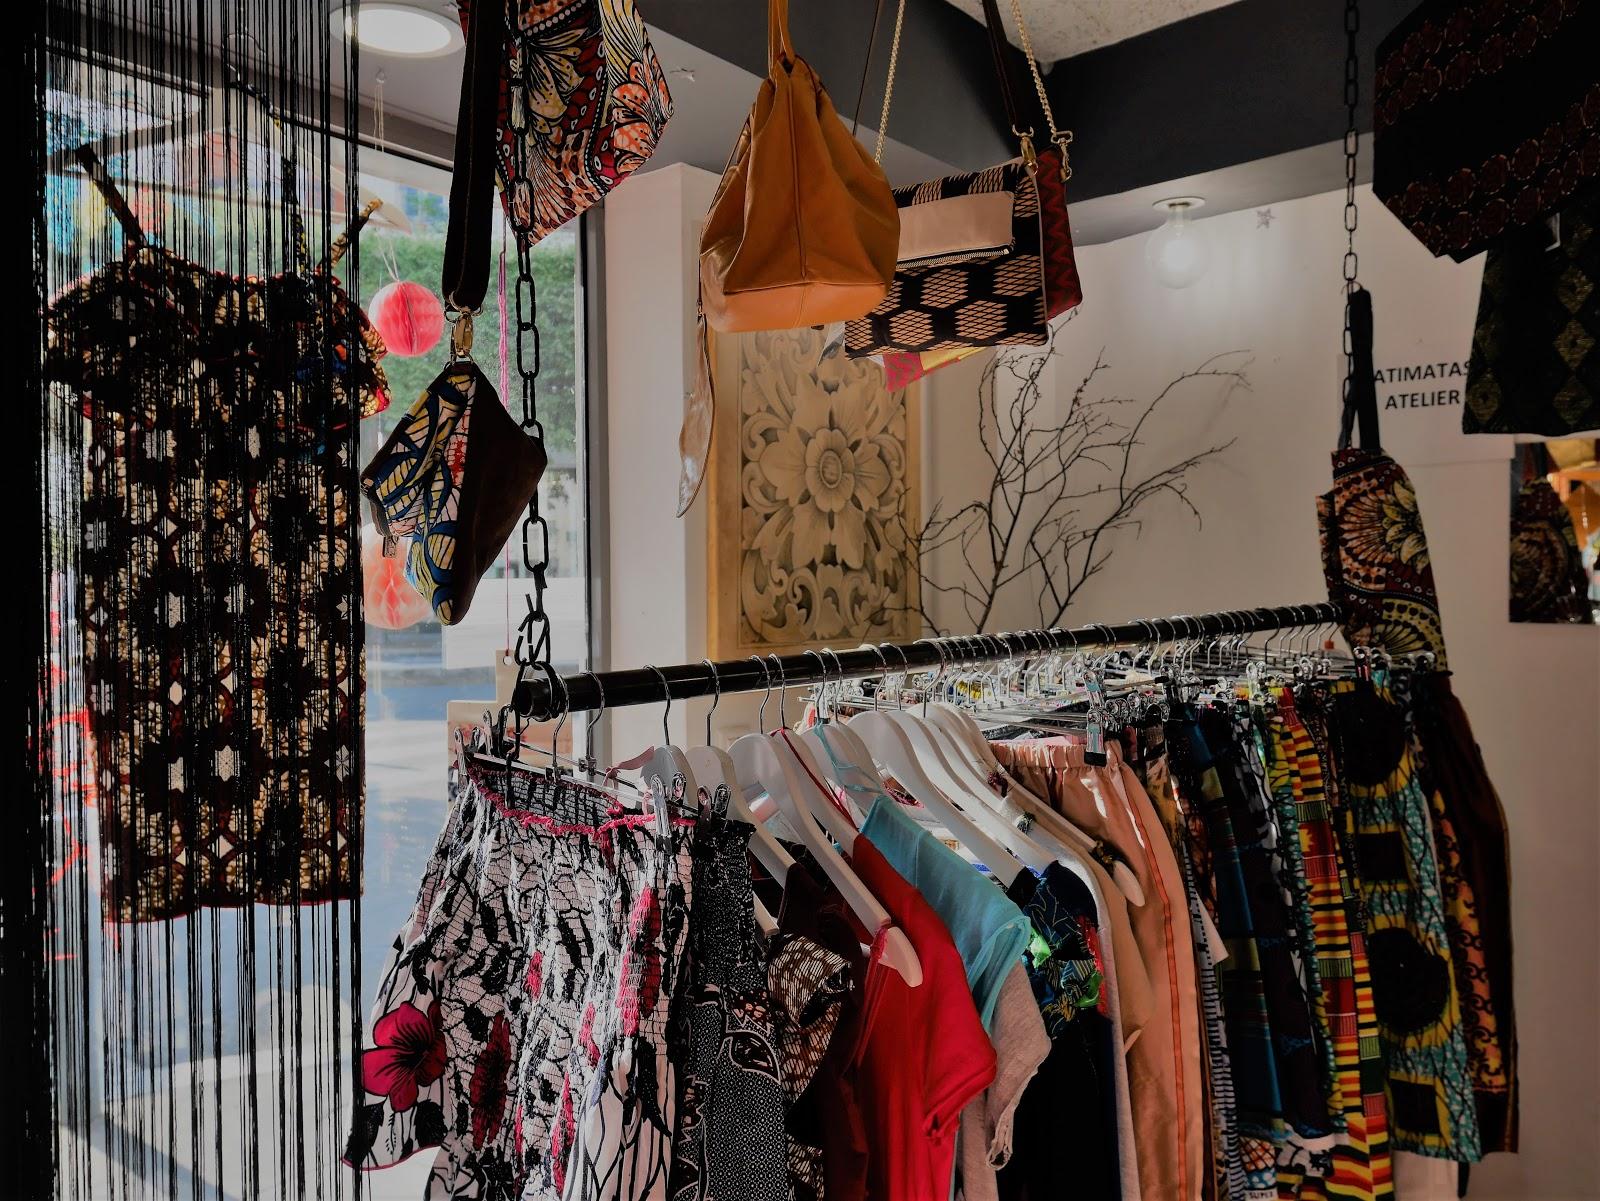 fatimata_sy_concept_store_ligne-fatimata_sy_montreuil